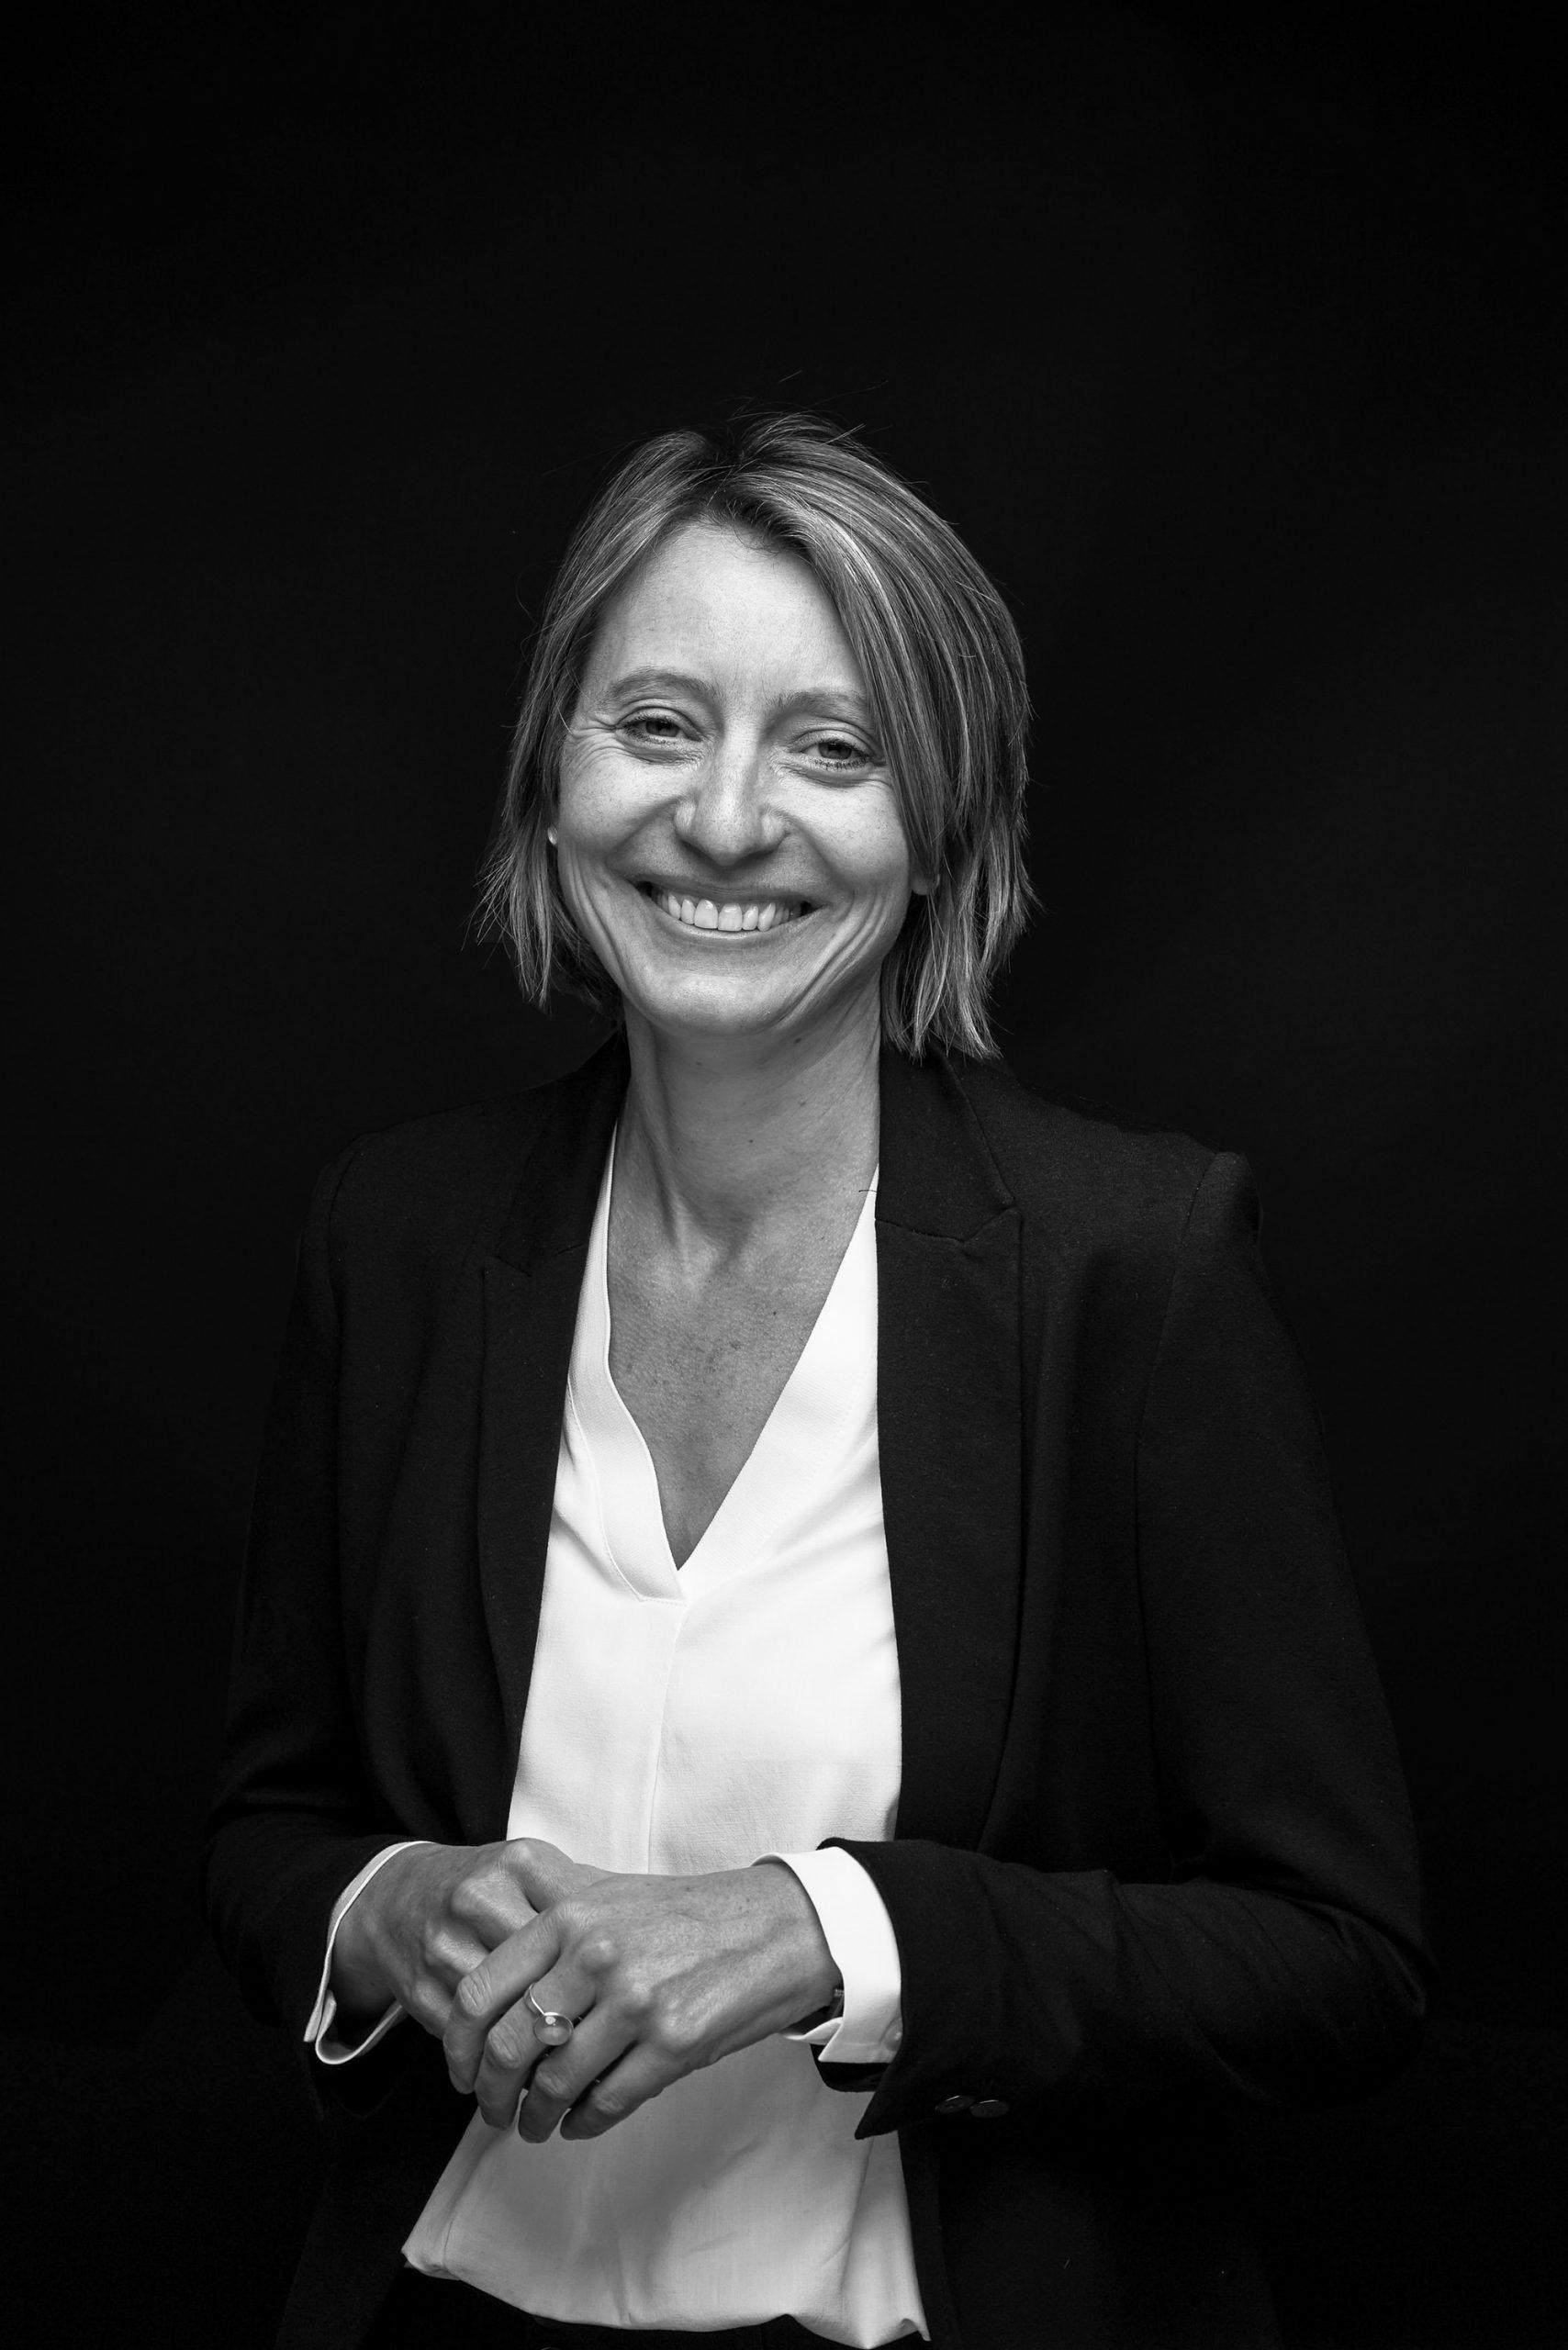 Monika Manke